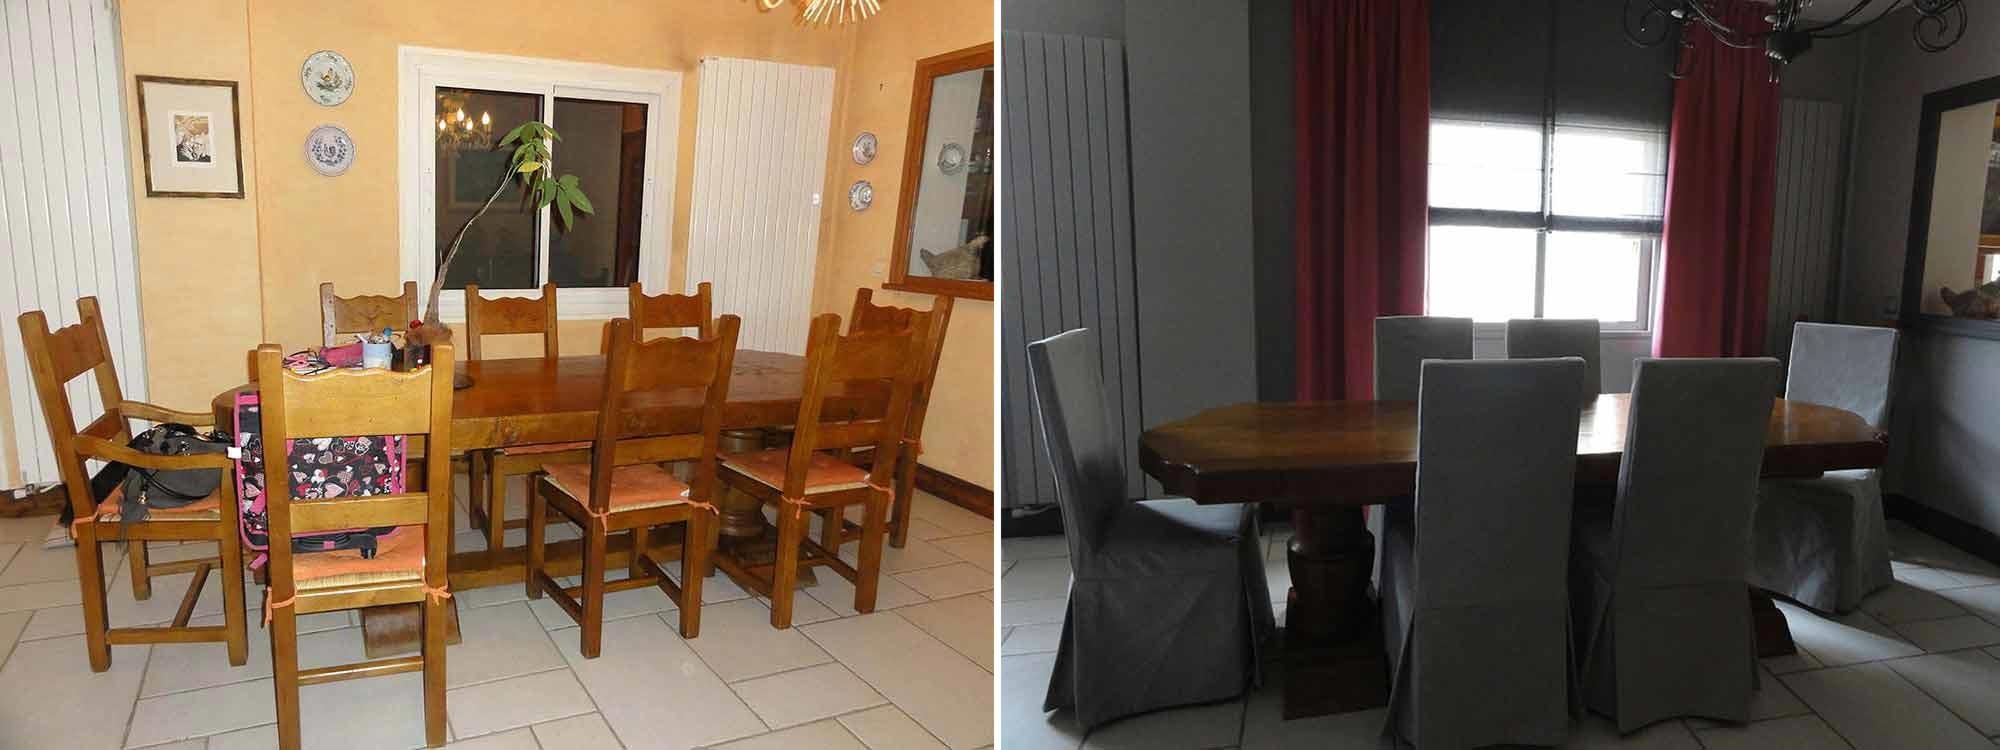 exemples avant apr s r novation int rieure lgelc paris. Black Bedroom Furniture Sets. Home Design Ideas